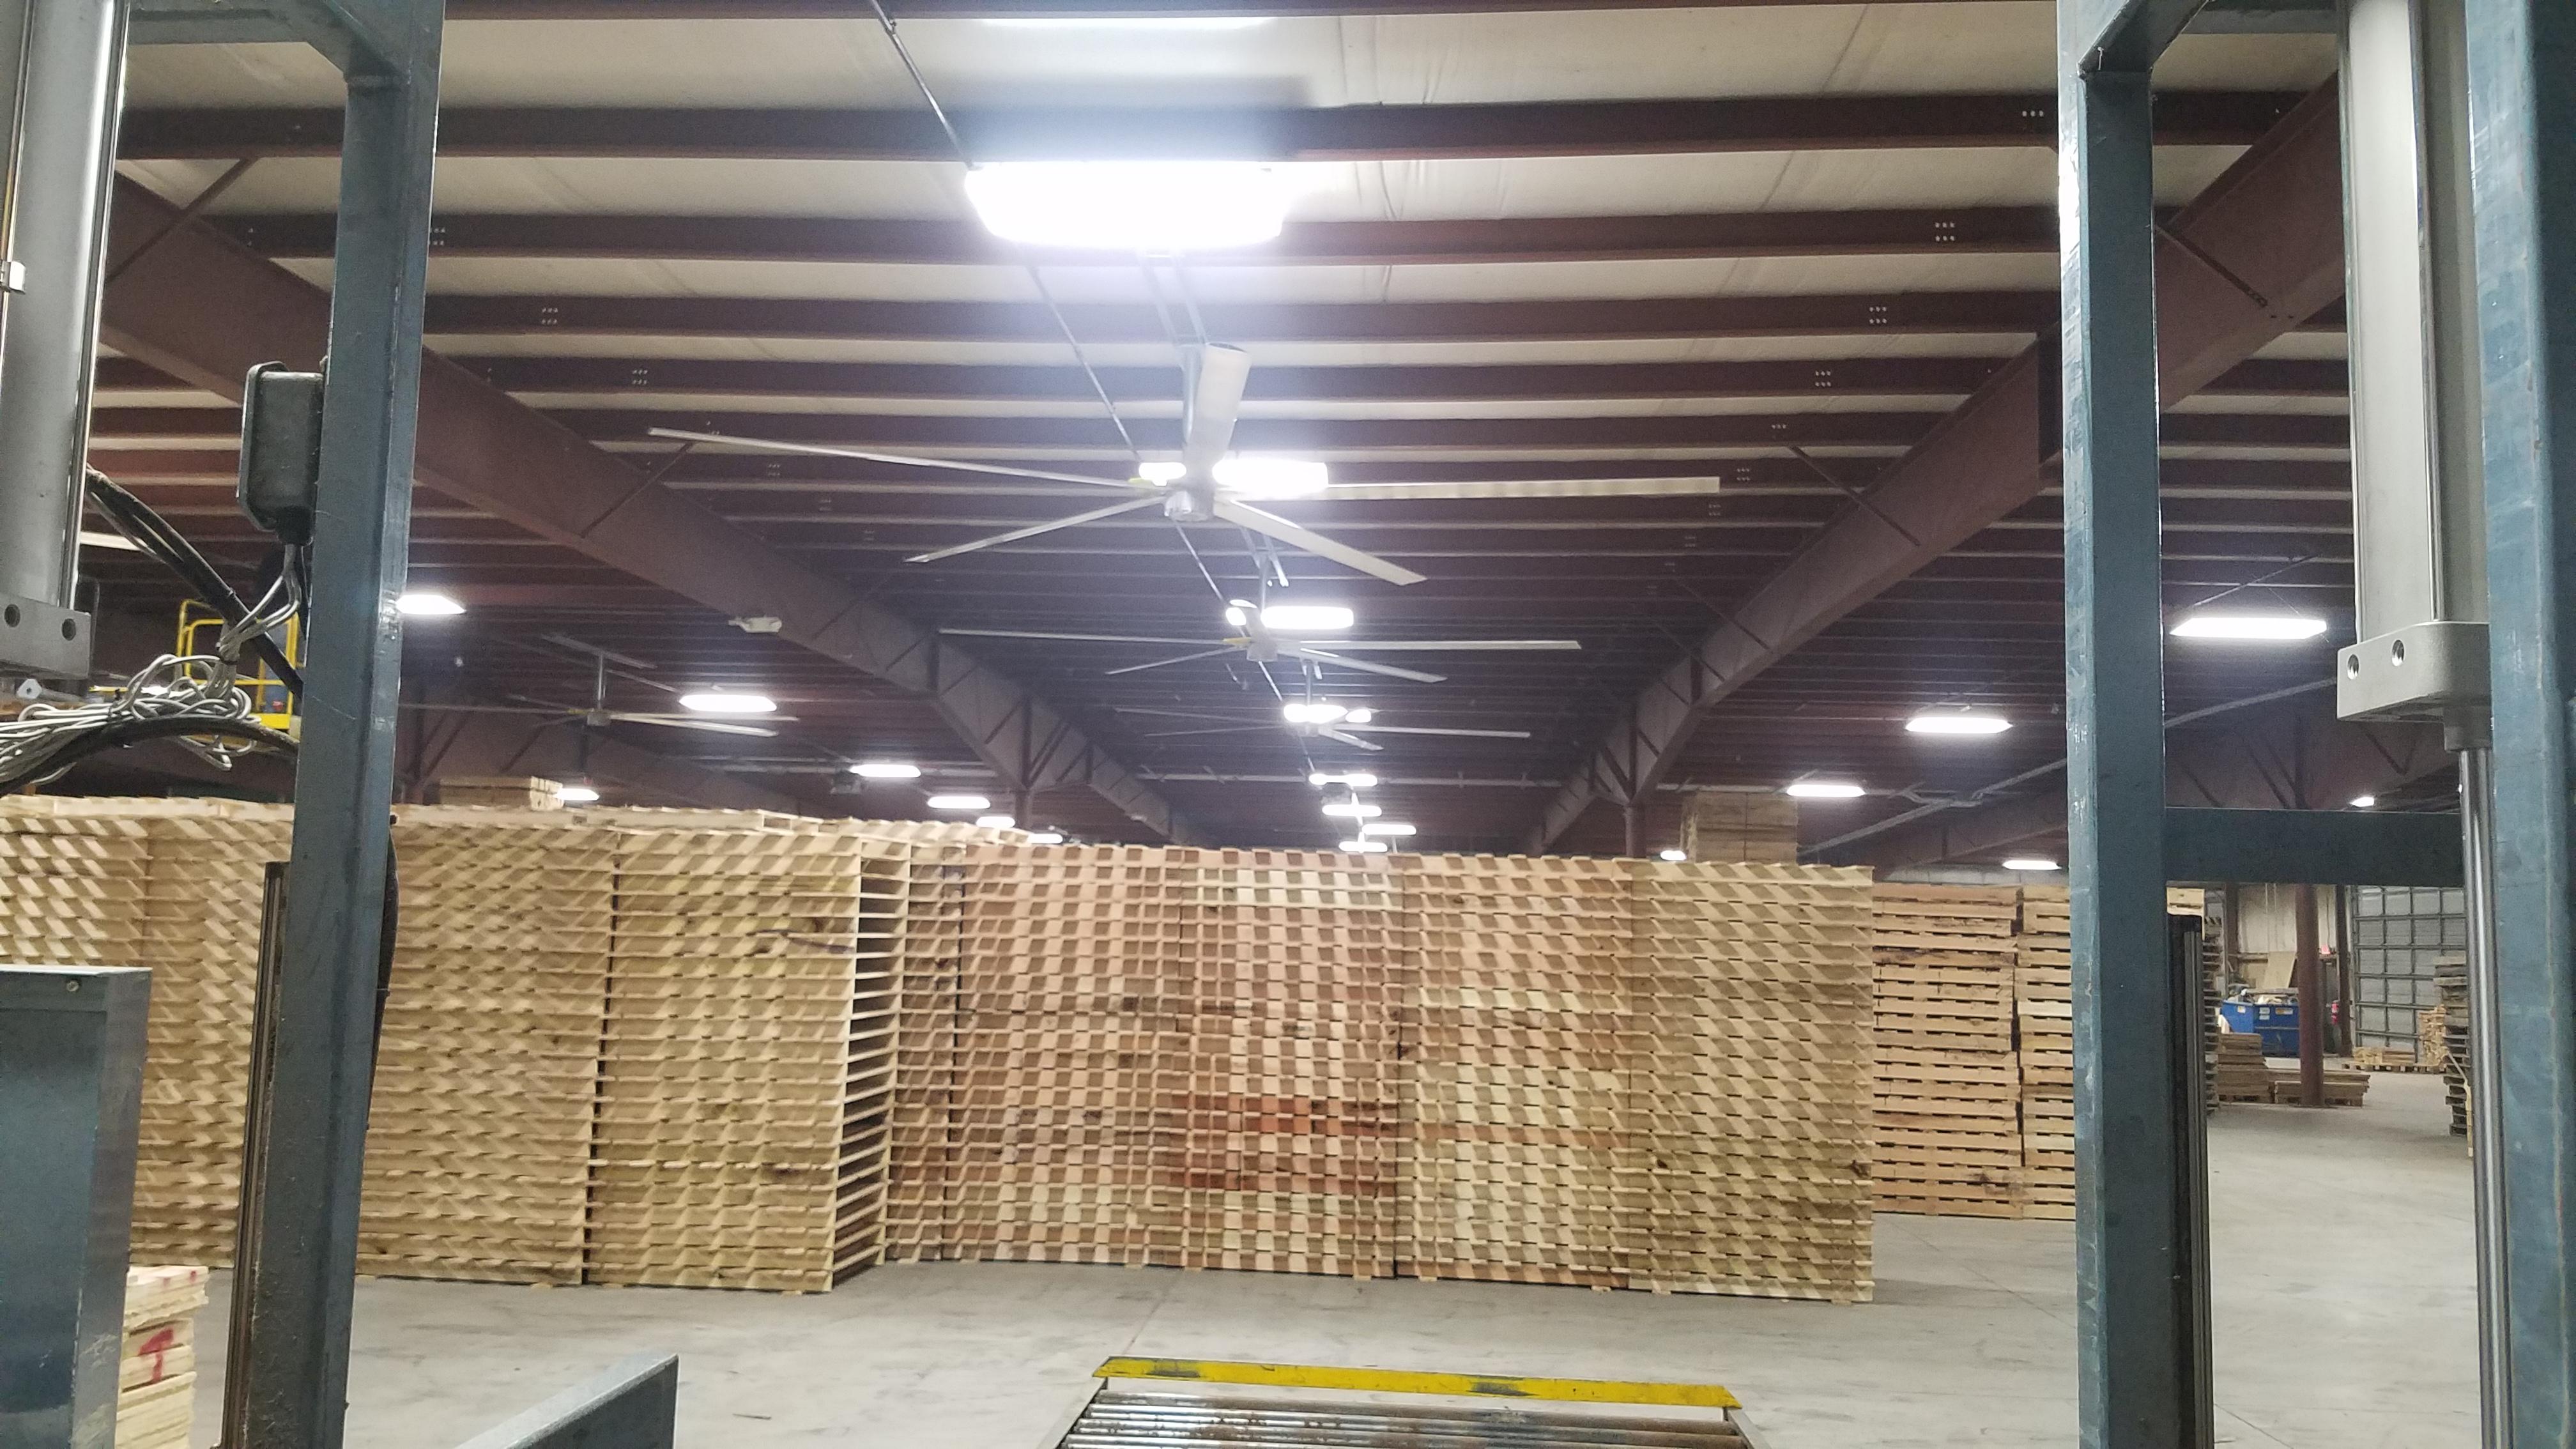 A ceiling fan in a pallet warehouse